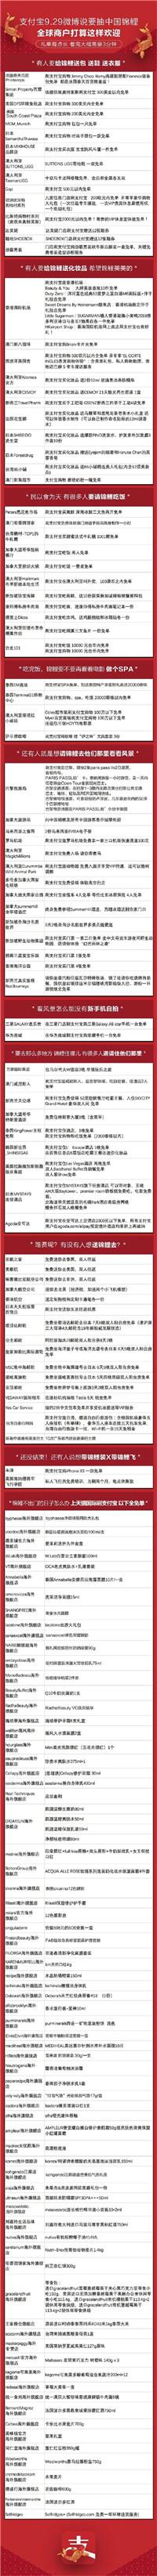 300w分之一的中国锦鲤,今天也乖乖上班了